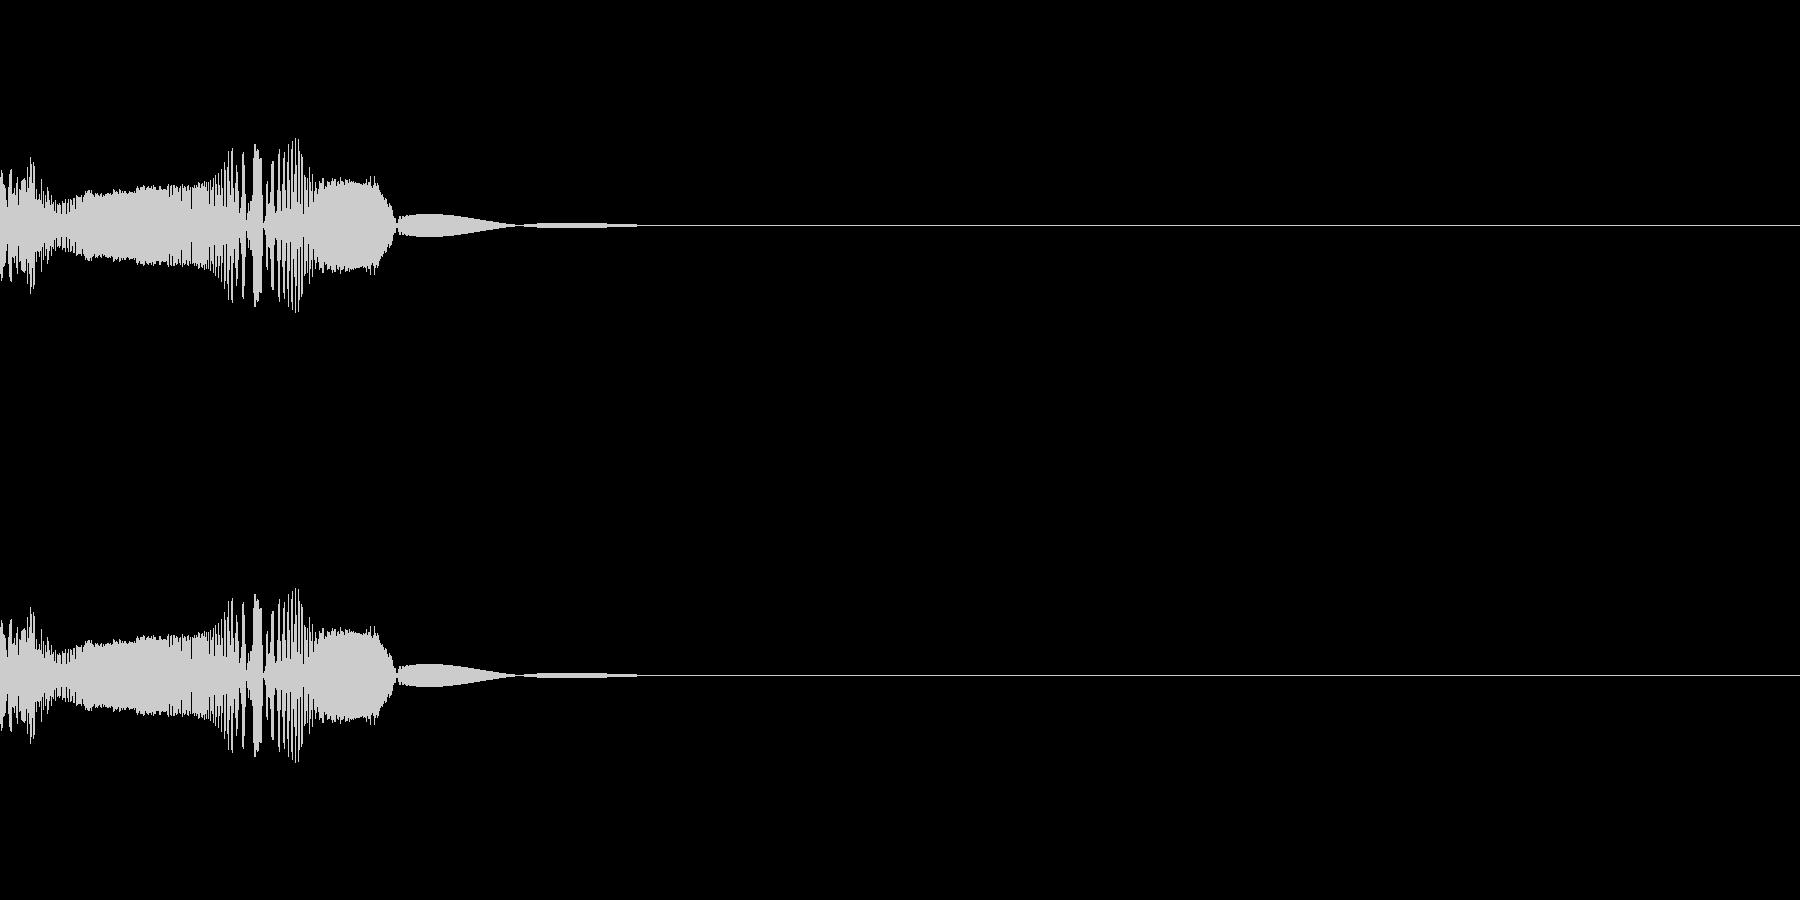 かわいいSF系ビーム(ワンショット)の未再生の波形